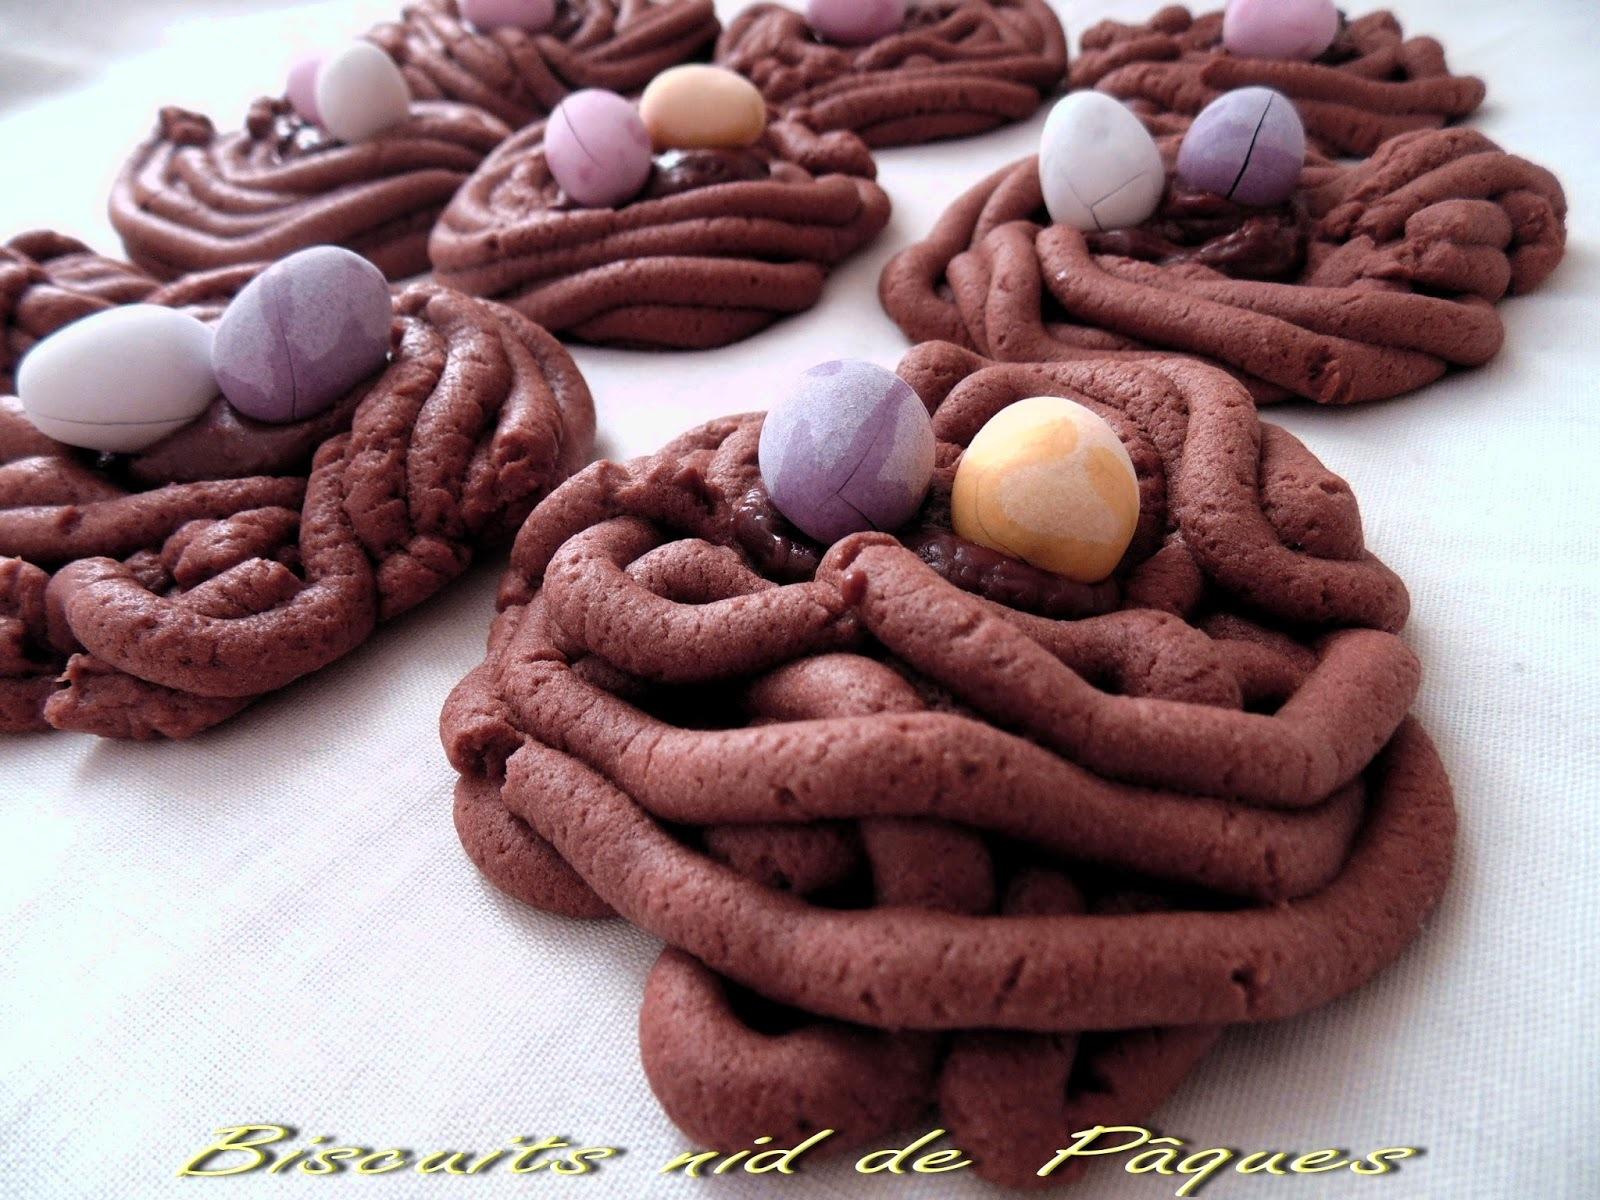 Biscuits nid de Pâques